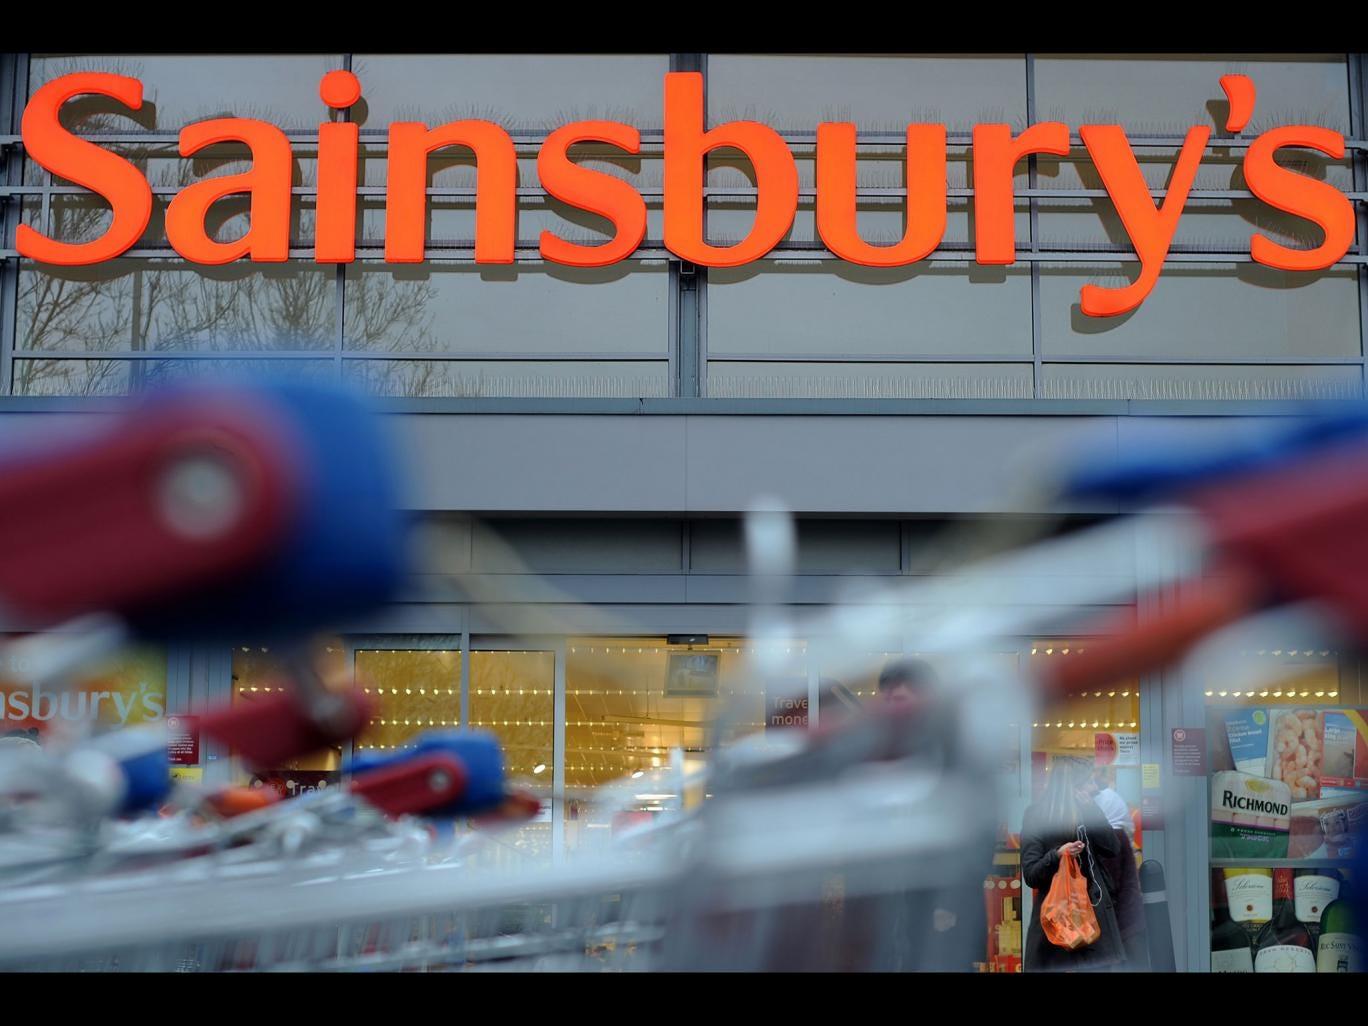 Asda, Tesco, Morrisons, Marks & Spencer, Sainsbury's ...